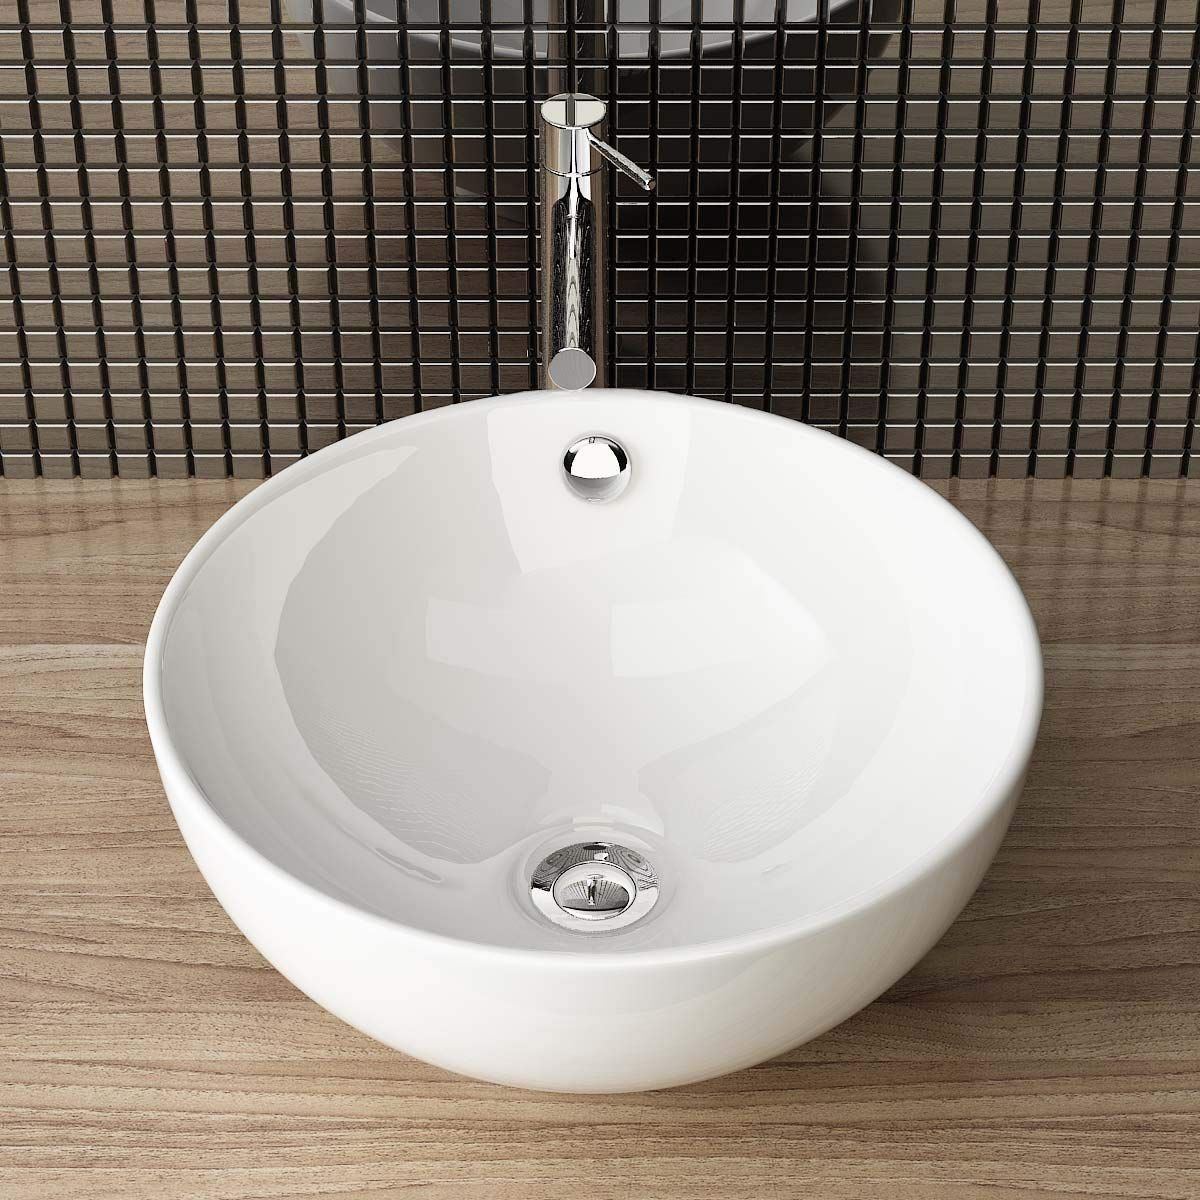 Design Keramik Aufsatzwaschbecken Waschtisch Waschschale Waschplatz Fur Badezimmer Gaste Wc A87 A Waschtisch Aufsatzwaschbecken Waschbecken Gaste Wc